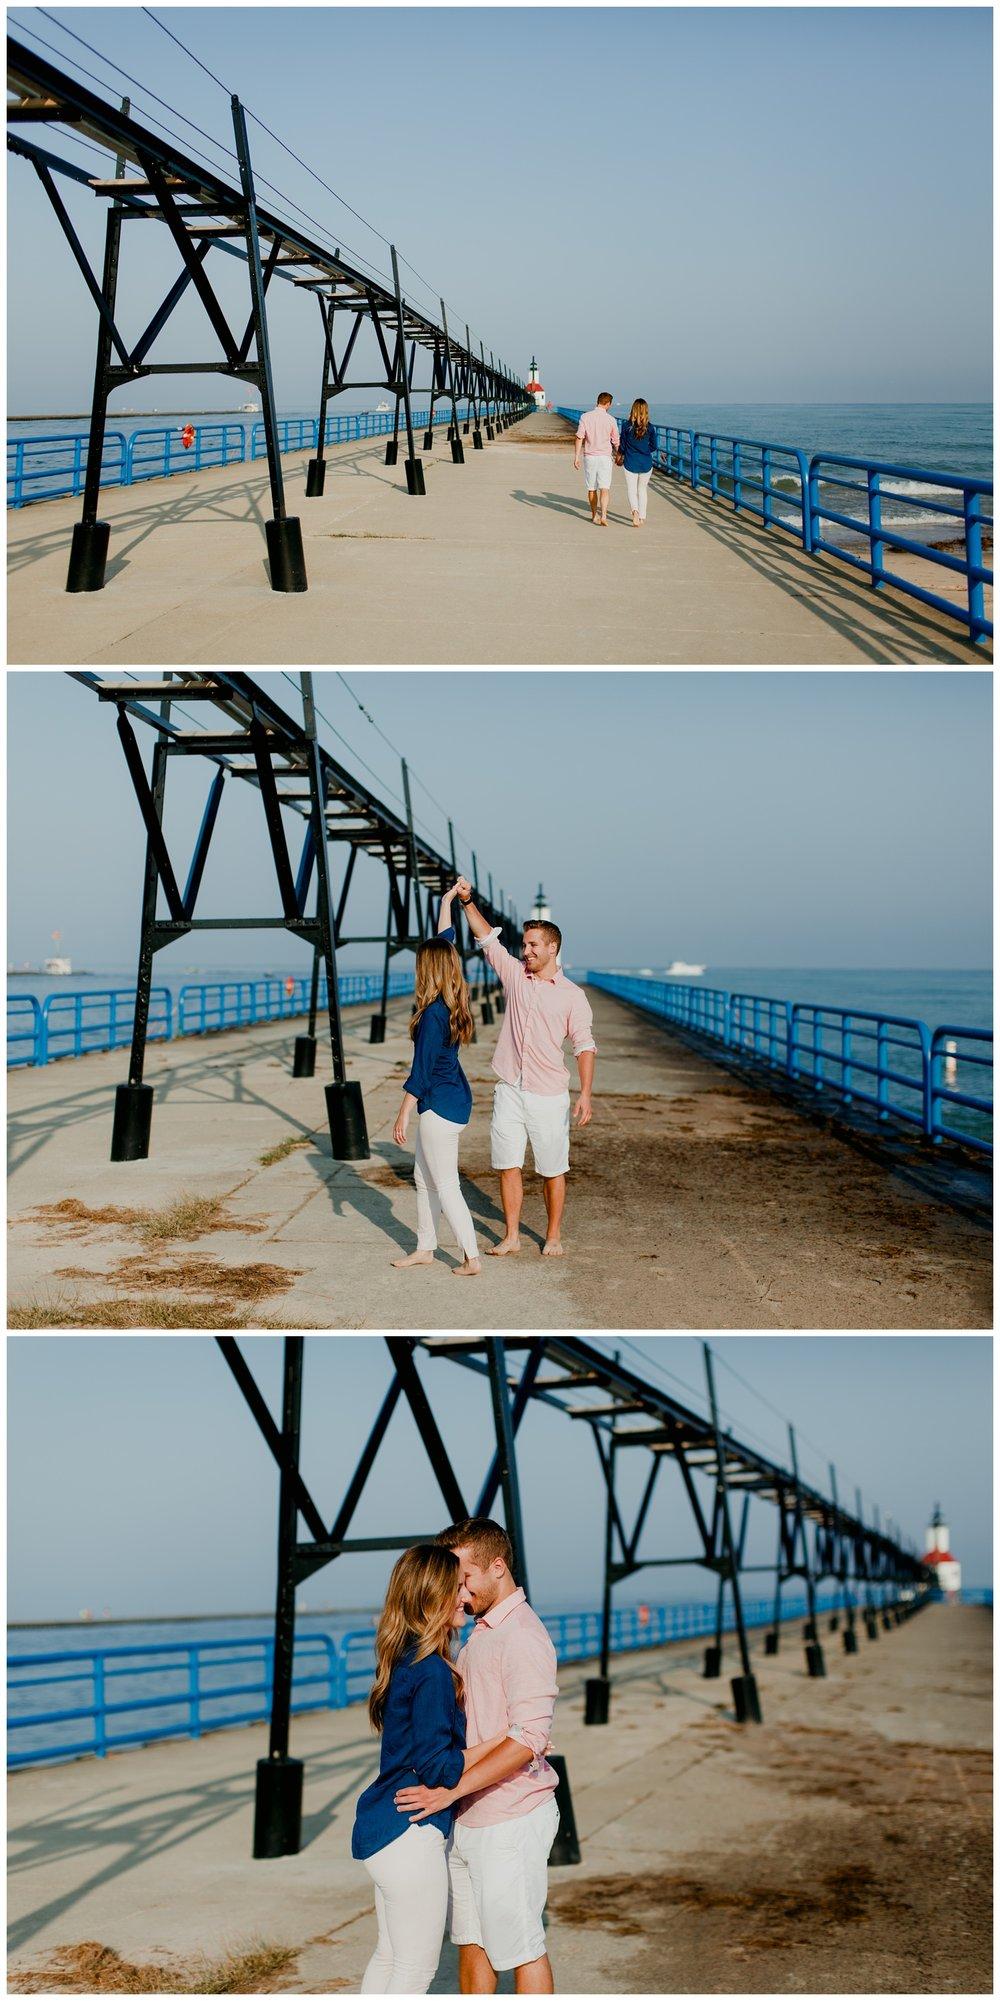 tiscorniabeachpierengagementphotographypuremichiganlakemagicalphoto6.jpg